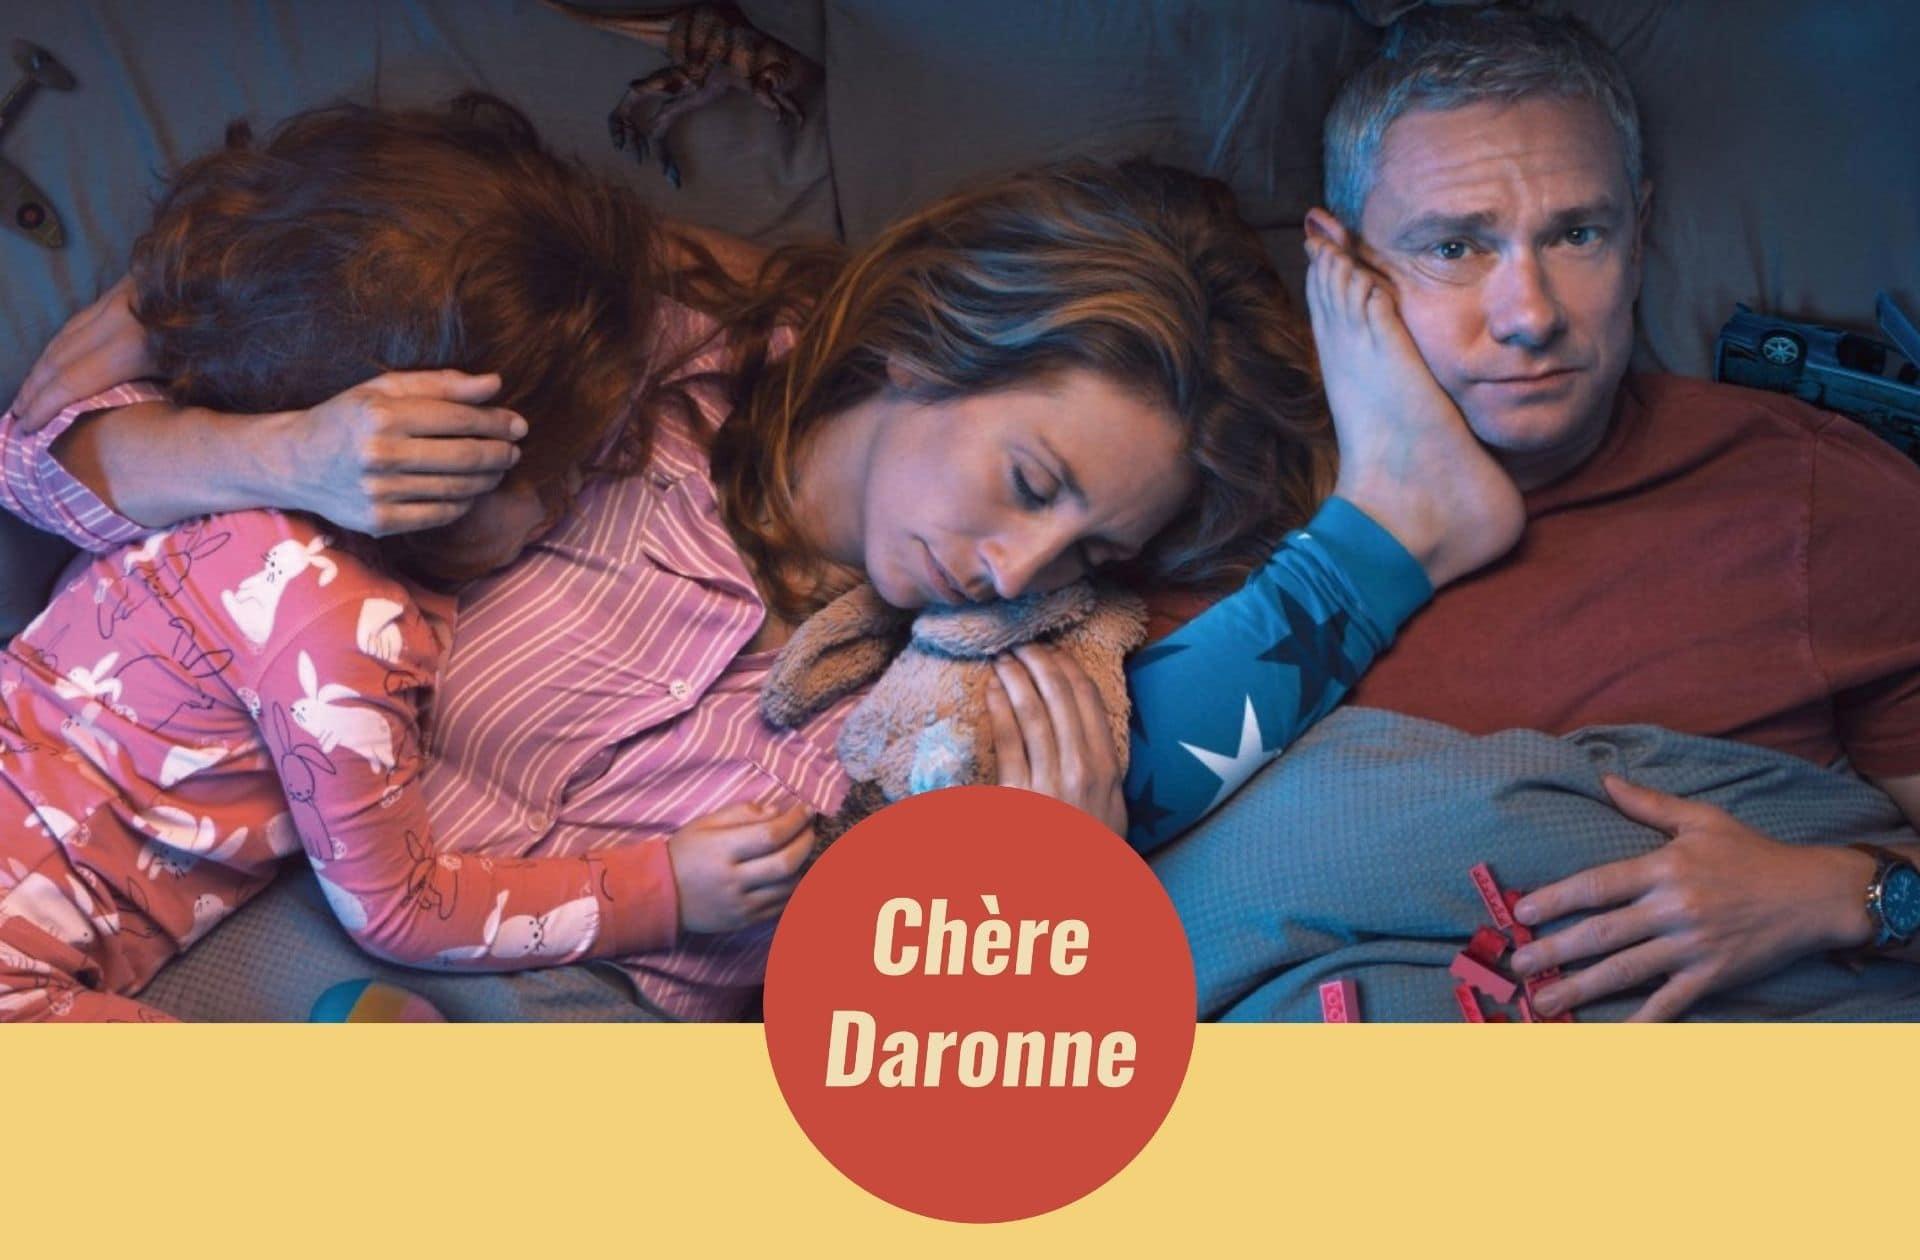 Chère Daronne, j'ai un bébé de 9 mois et le manque de sommeil me fait vriller, help !